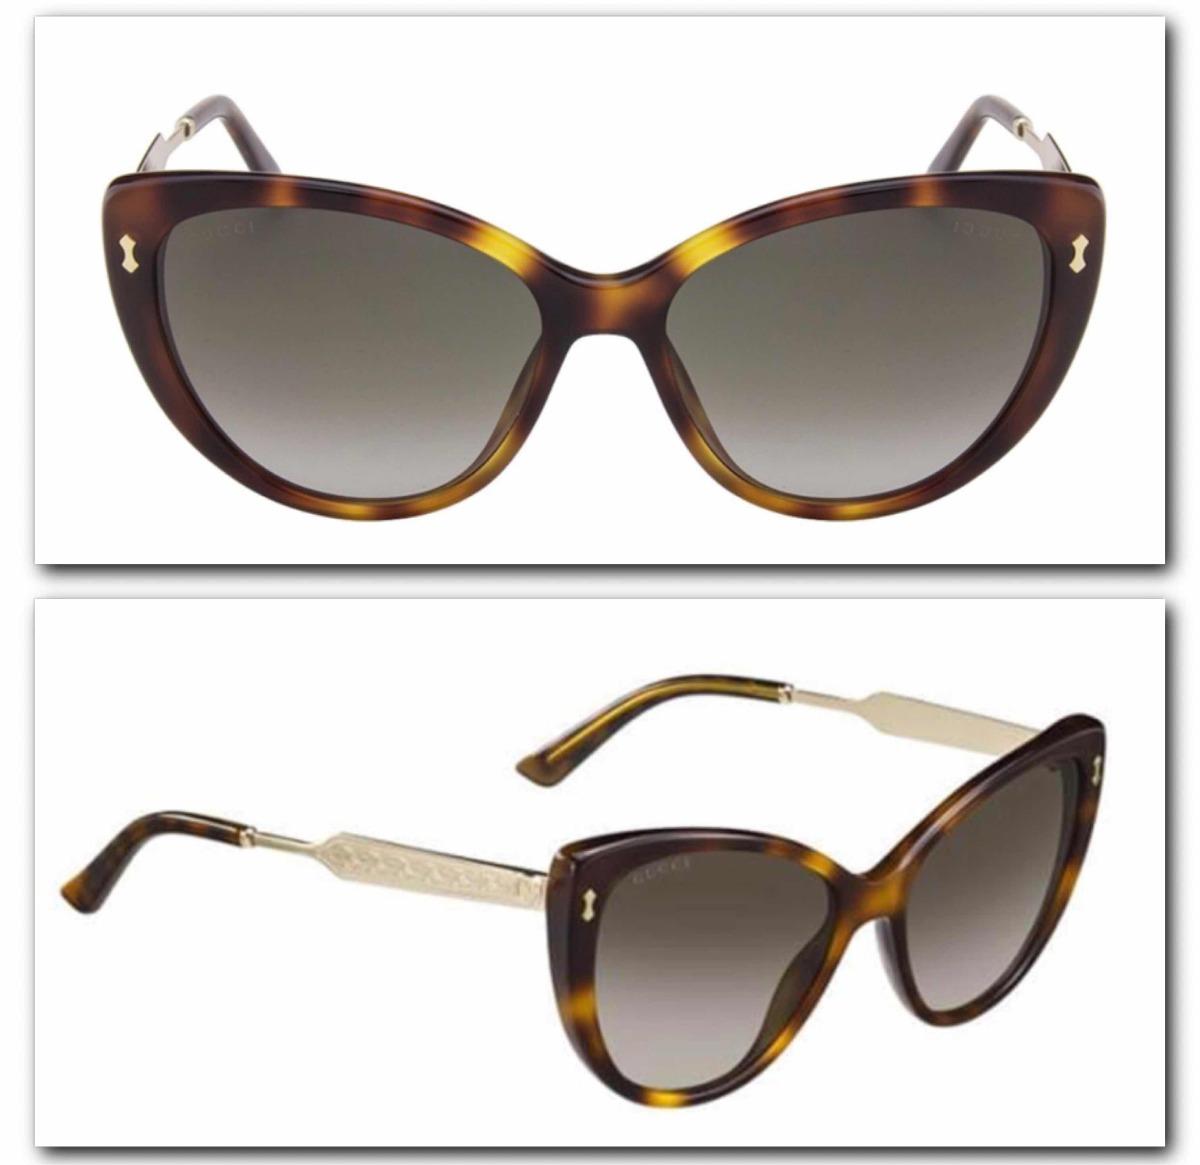 a67fc425c41dc Óculos De Sol Gucci - R  950,00 em Mercado Livre